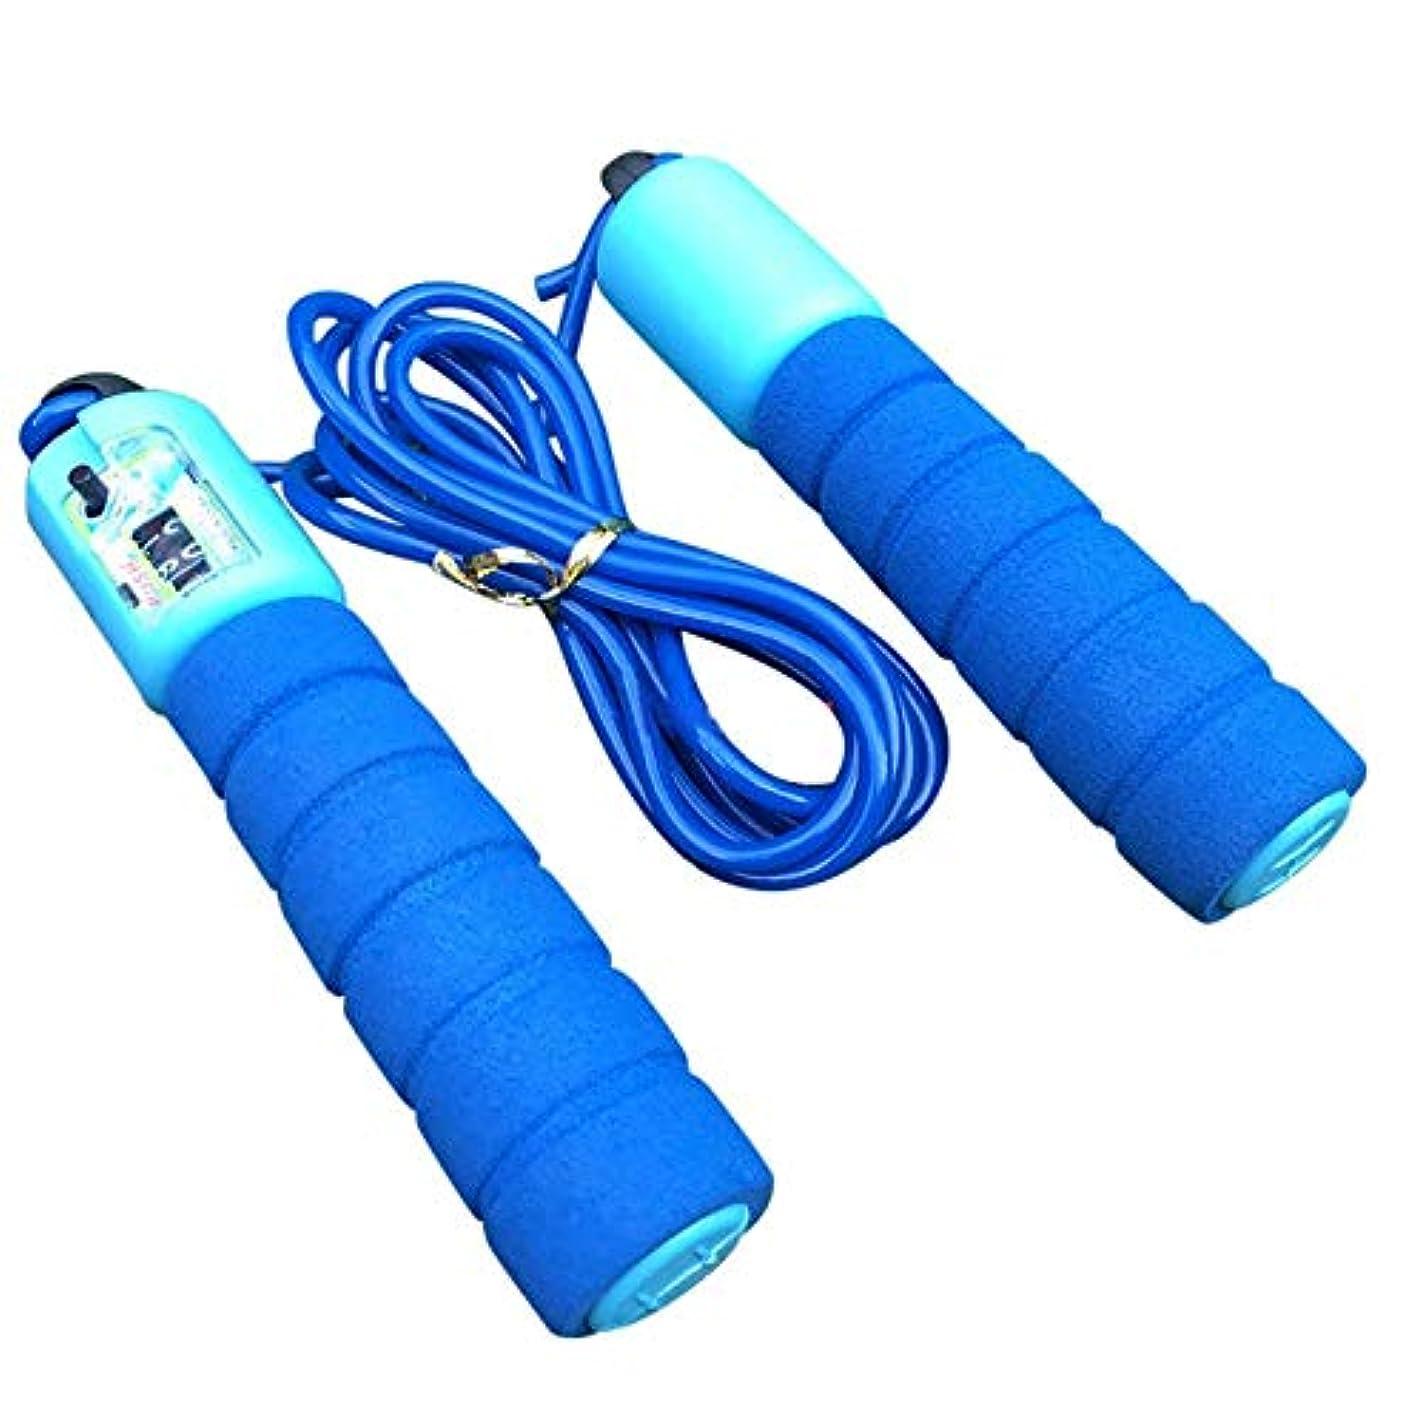 ハーブ不信指定調整可能なプロフェッショナルカウント縄跳び自動カウントジャンプロープフィットネス運動高速カウントジャンプロープ - 青